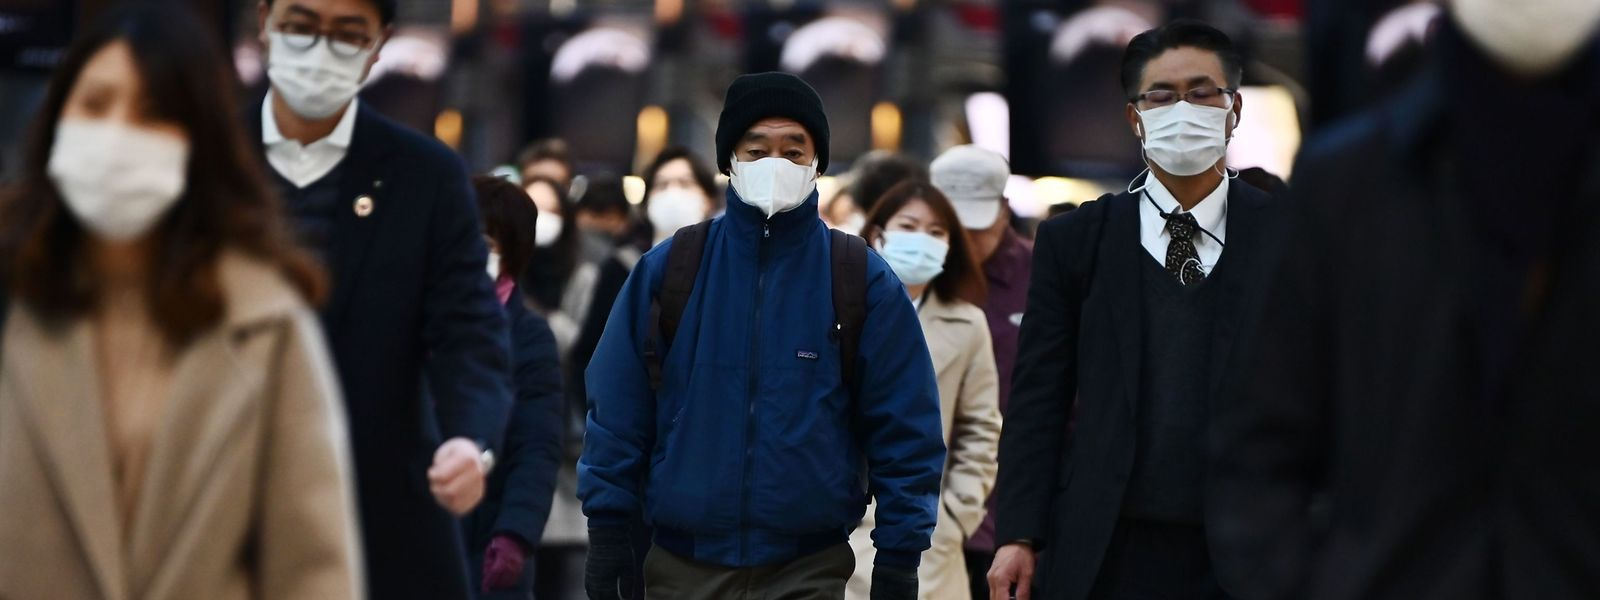 Près de 79.000 personnes ont jusqu'ici été contaminées en Chine, dont 2.788 mortellement. Le coronavirus touche également une cinquantaine d'autres pays, avec un bilan de plus de 4.000 contaminations et plus de 60 morts.